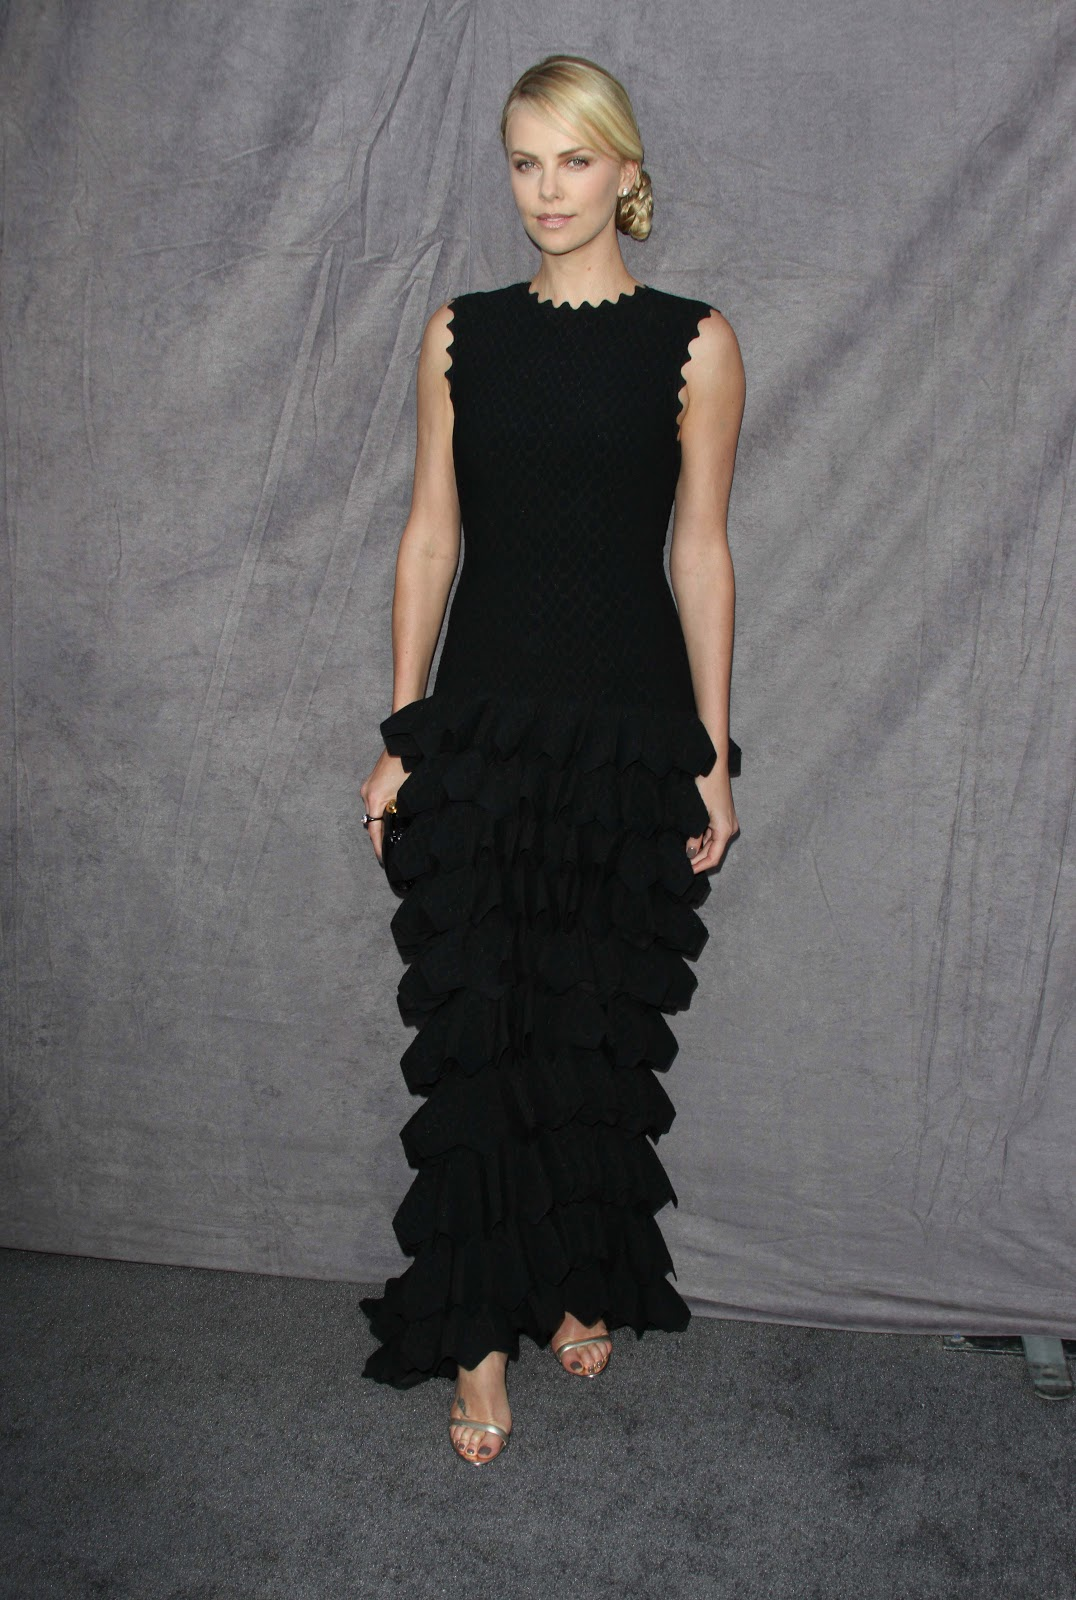 http://3.bp.blogspot.com/-CJPPWAFMisw/UN5opBdxXBI/AAAAAAAAcLw/ctzbx2Xhdjc/s1600/Charlize+Theron+New+Pic+2012+06.jpg